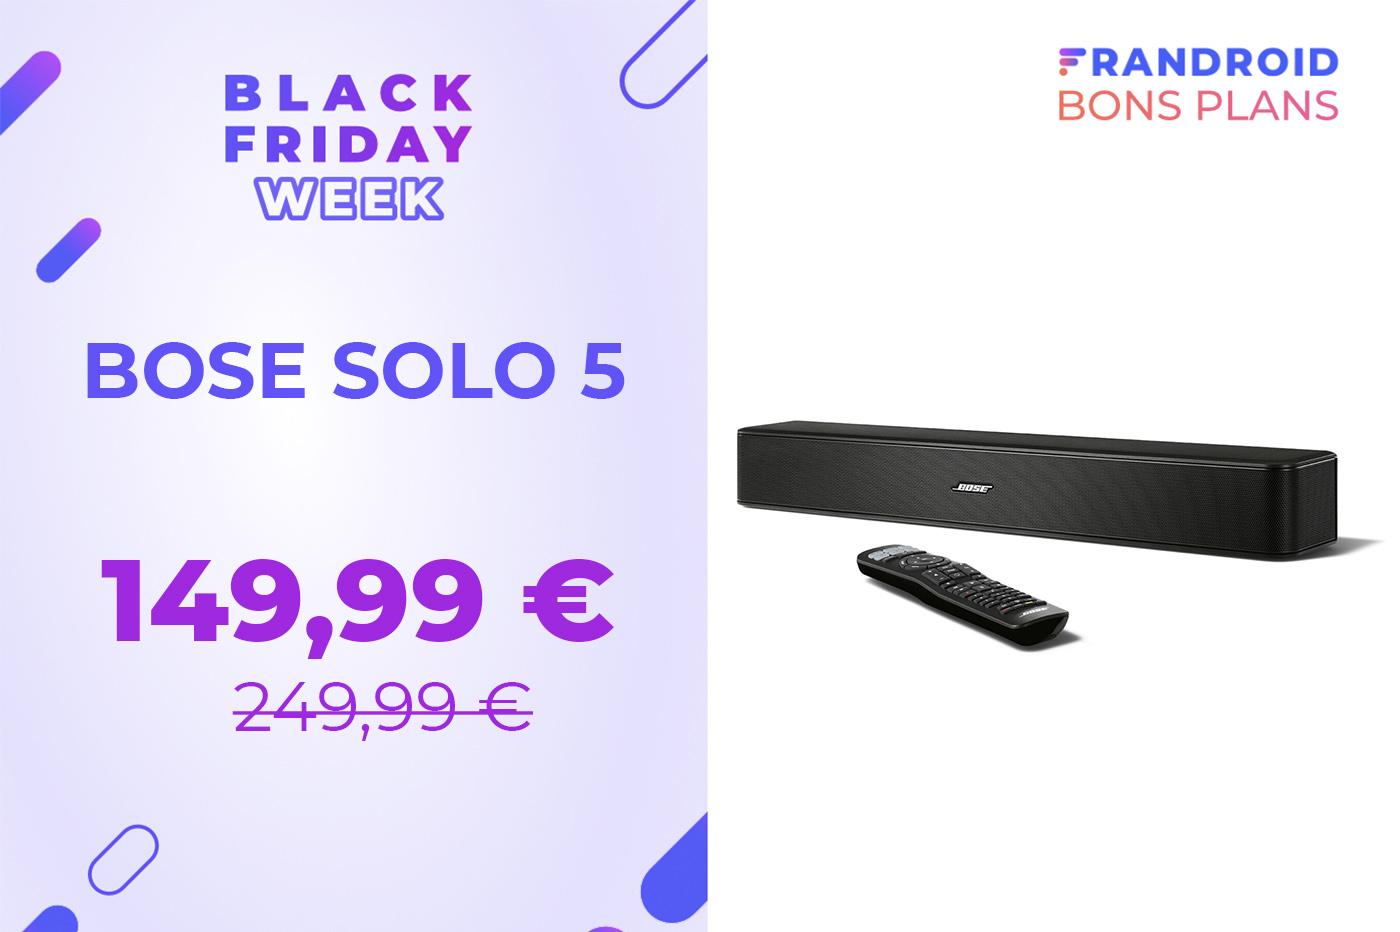 La puissante barre de son Bose Solo 5 perd 100 euros pour le Black Friday